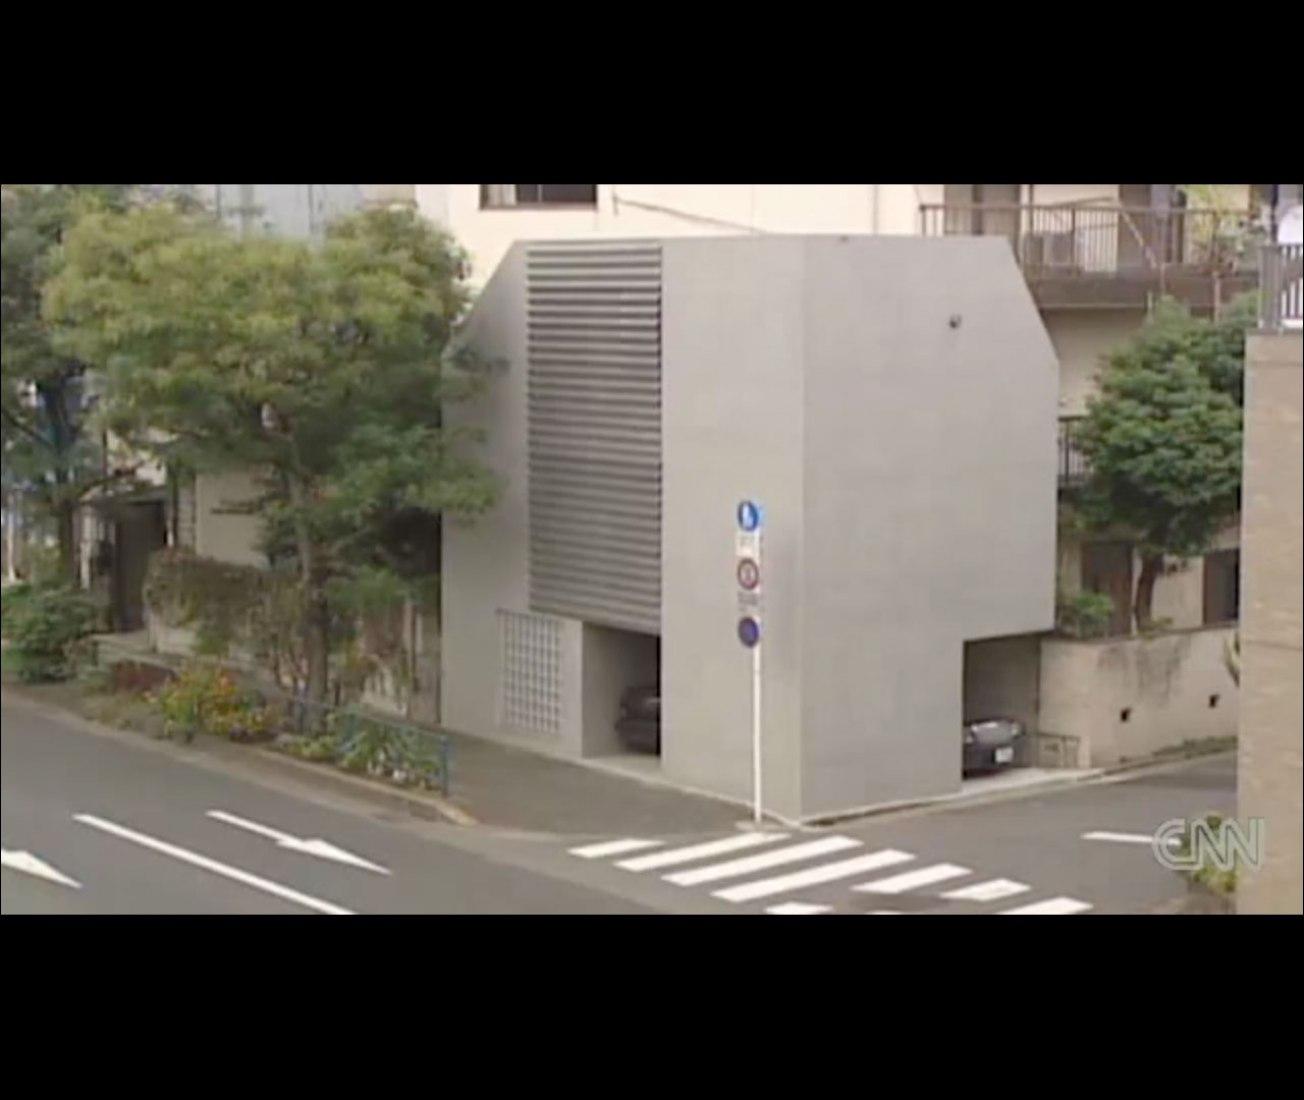 Casa ultrapequeña en Japón